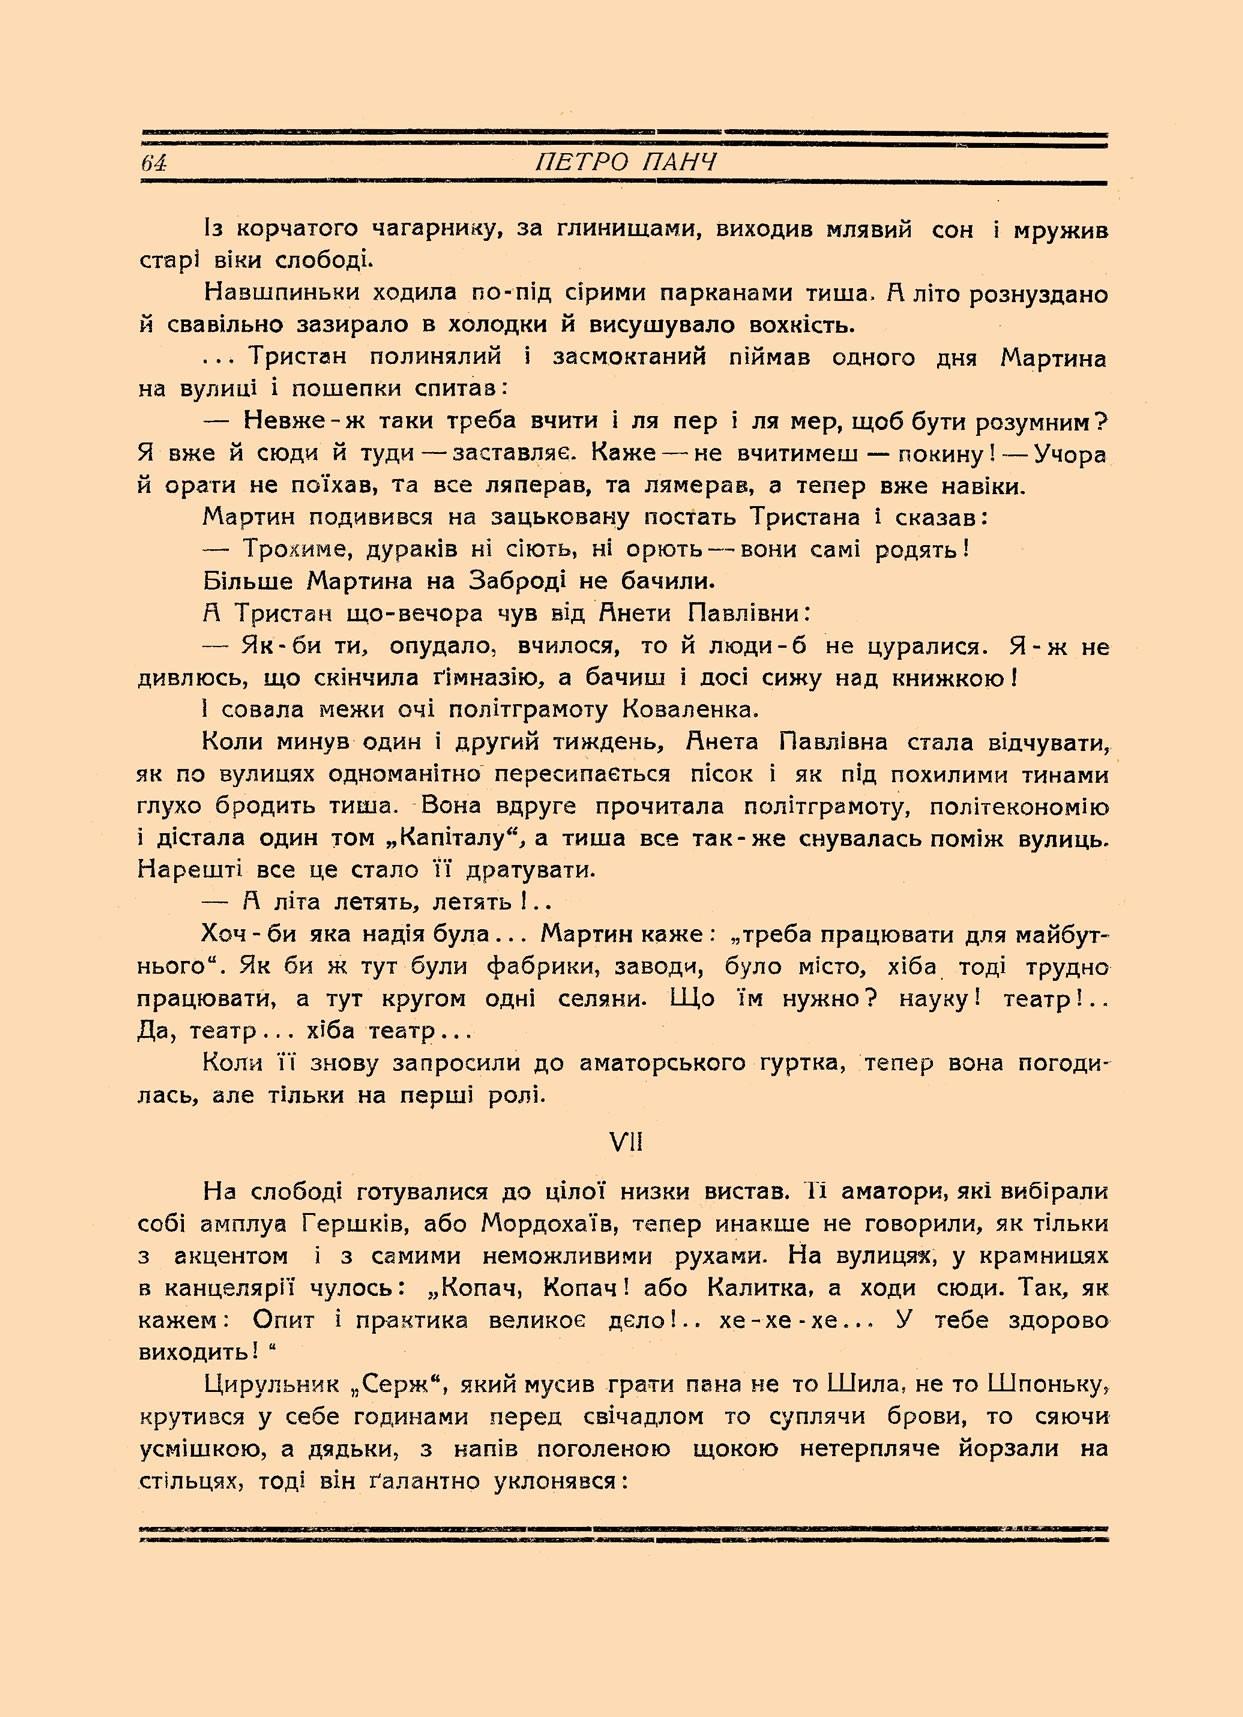 Плуг_1924_1